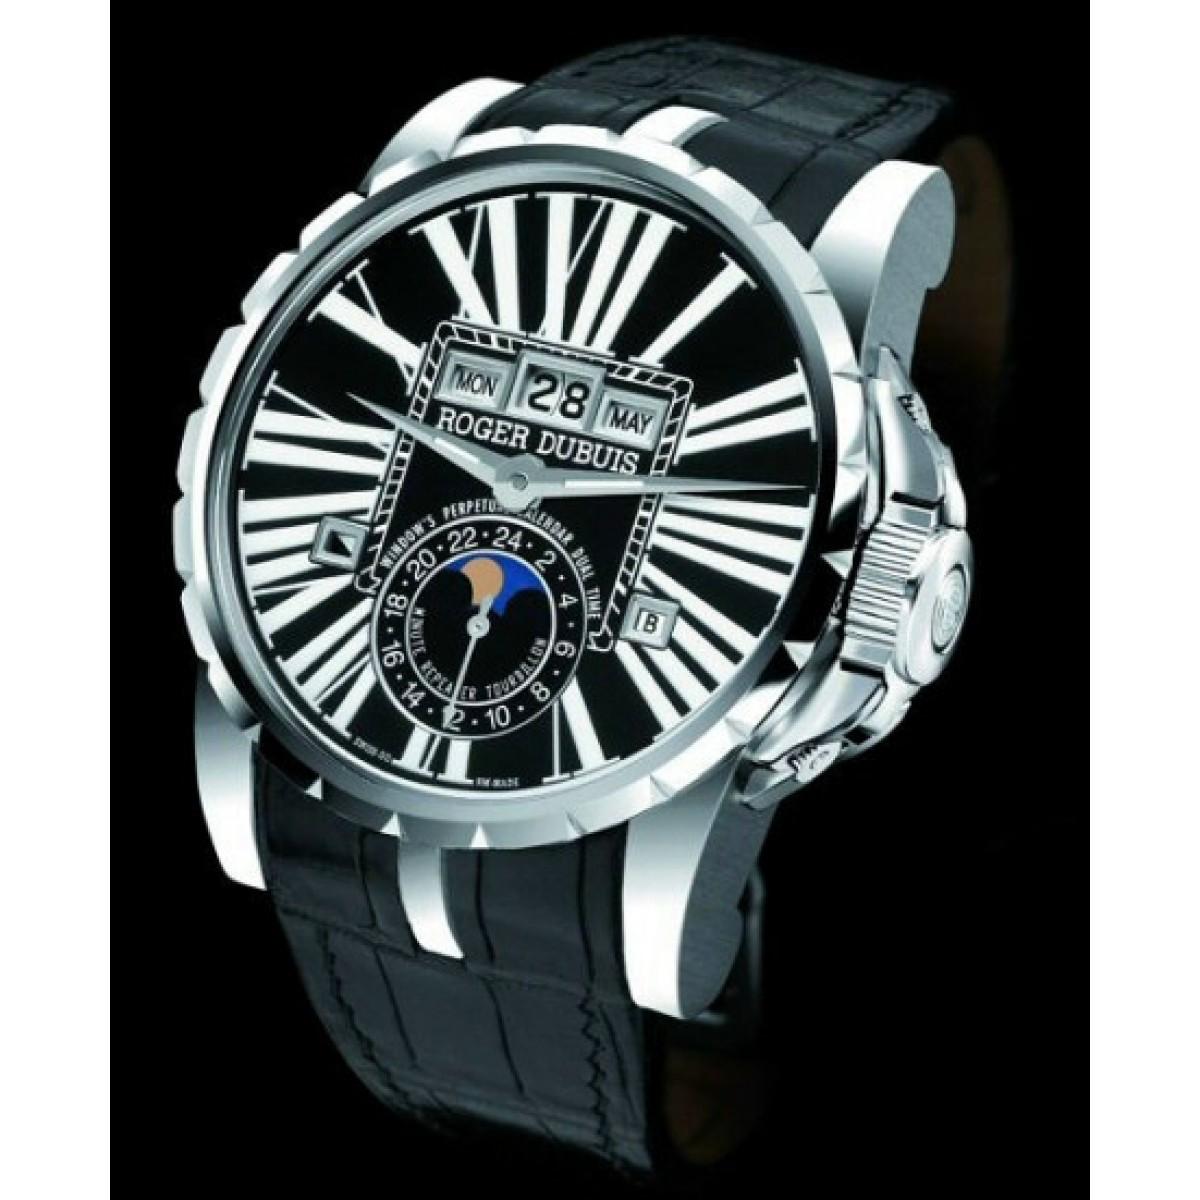 06db271d3e2 Relógio Réplica Roger Dubuis Excalibur Minute